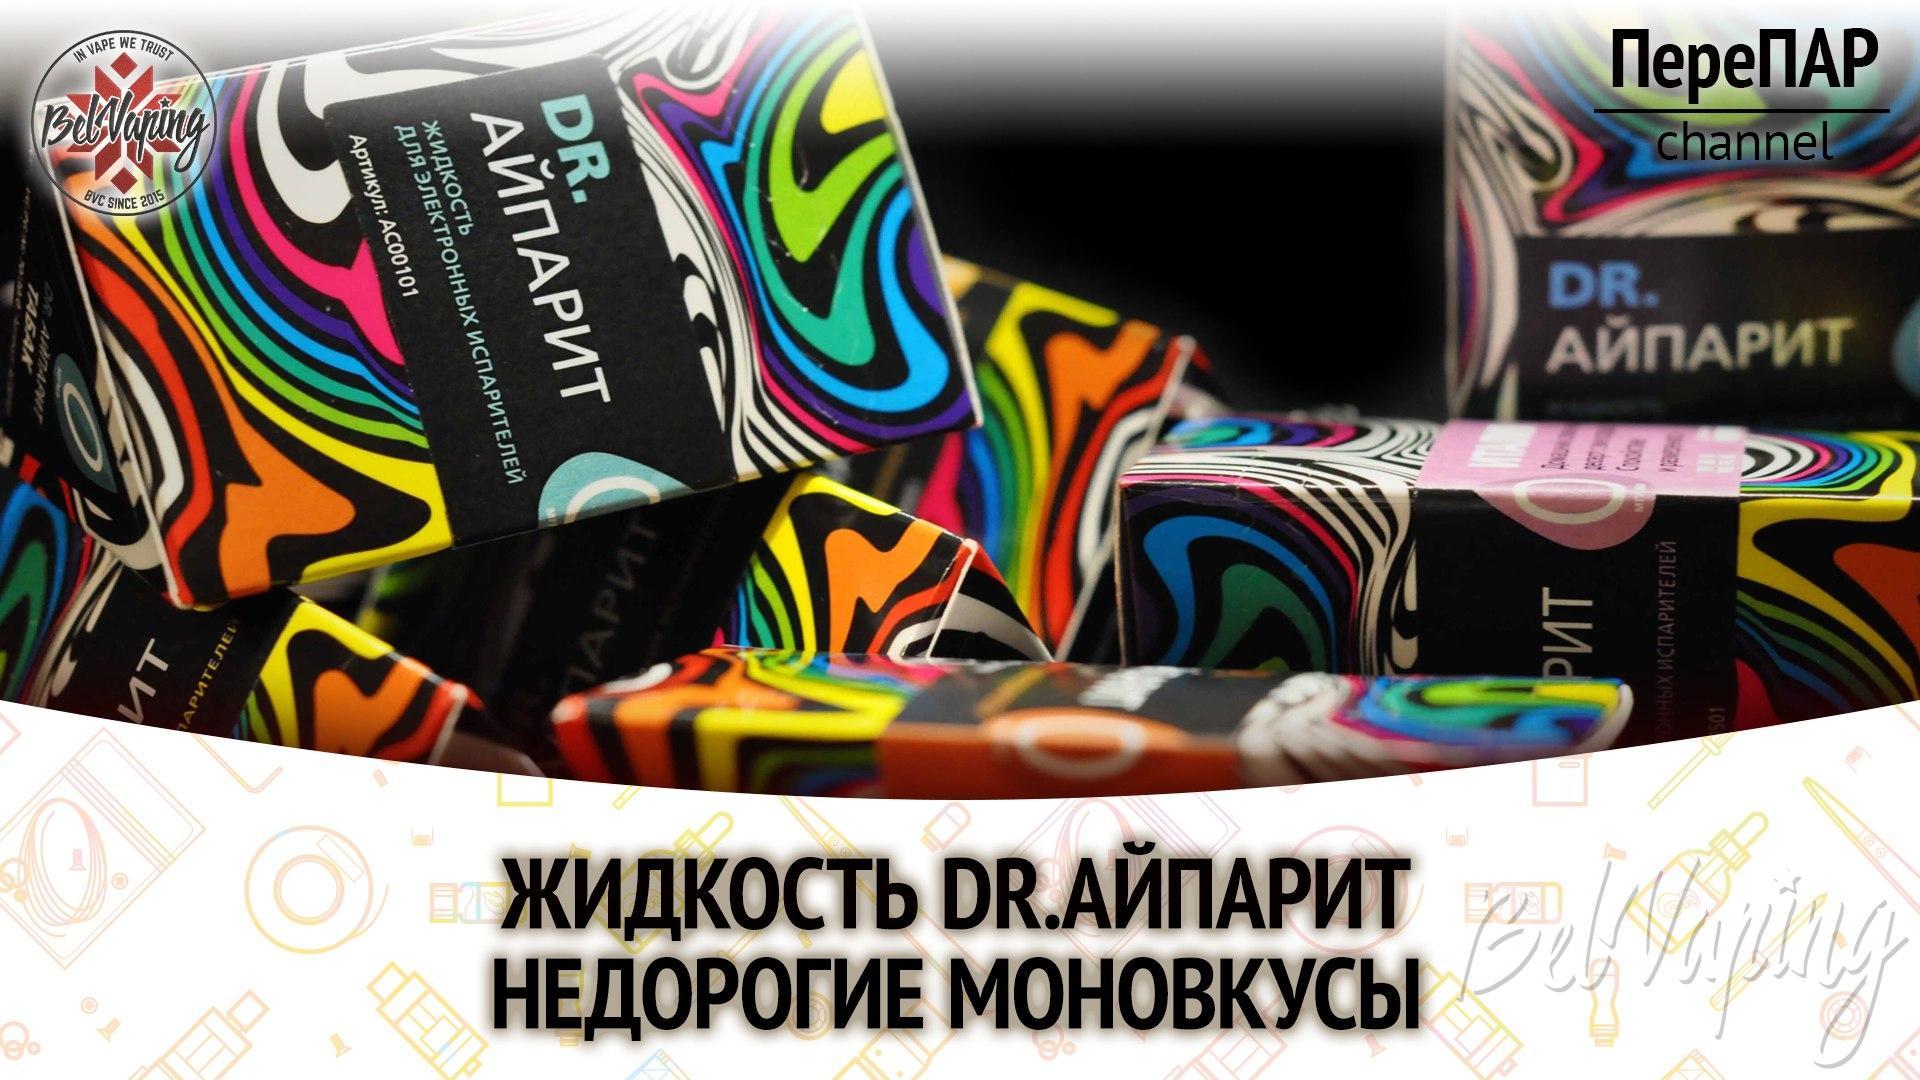 Обзор жидкости Dr. Айпарит